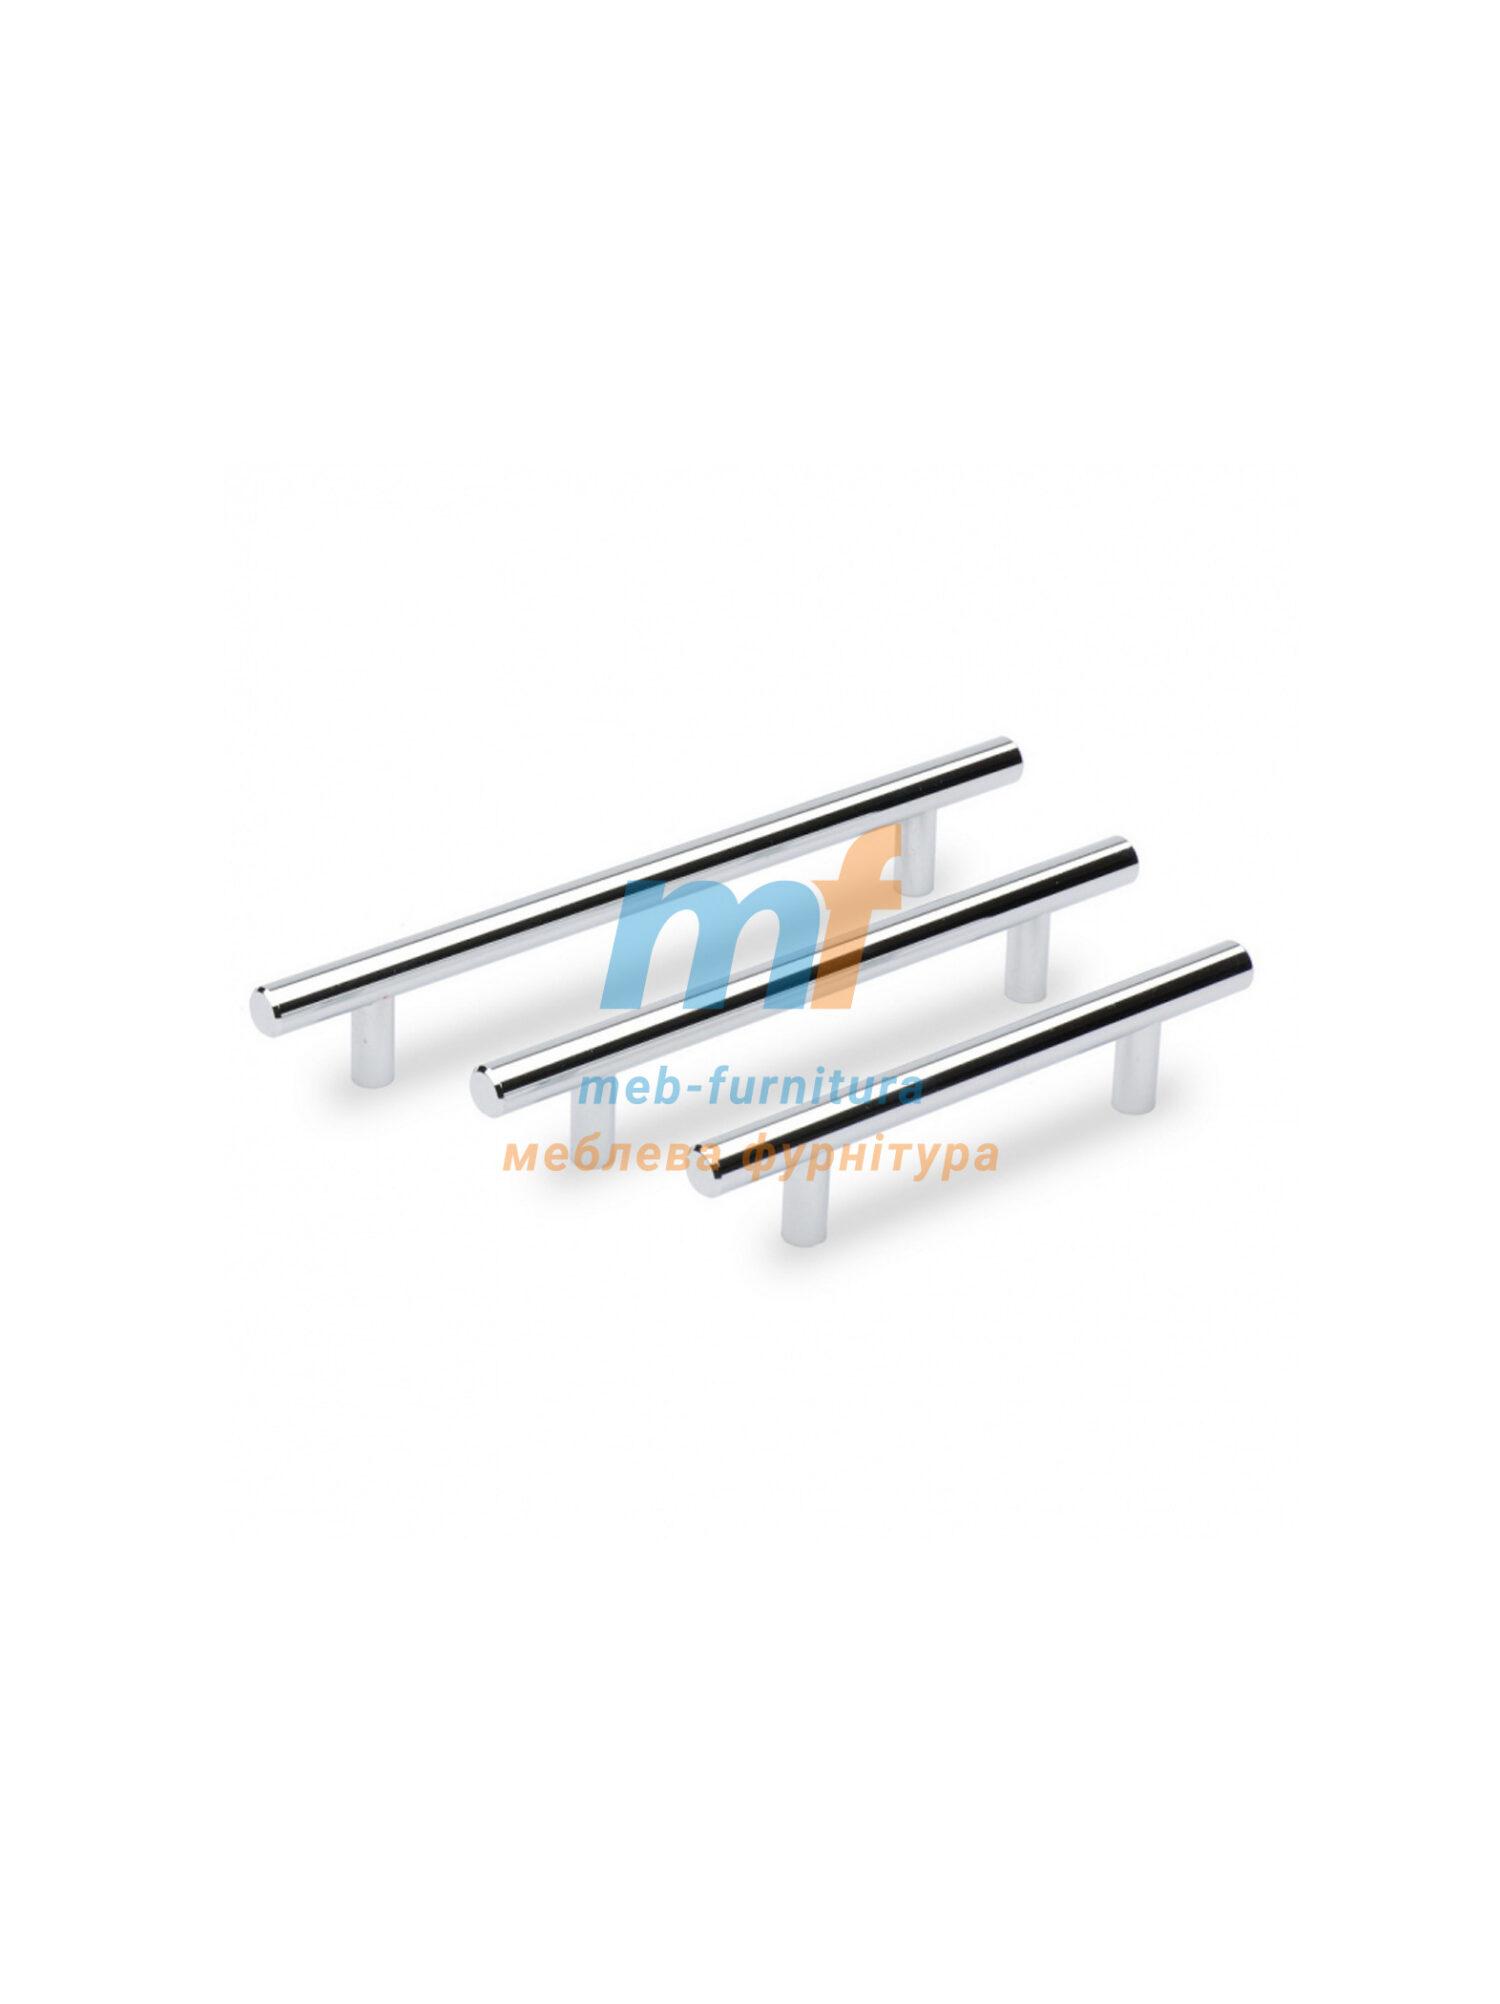 Ручка мебельная релинг 320мм - хром